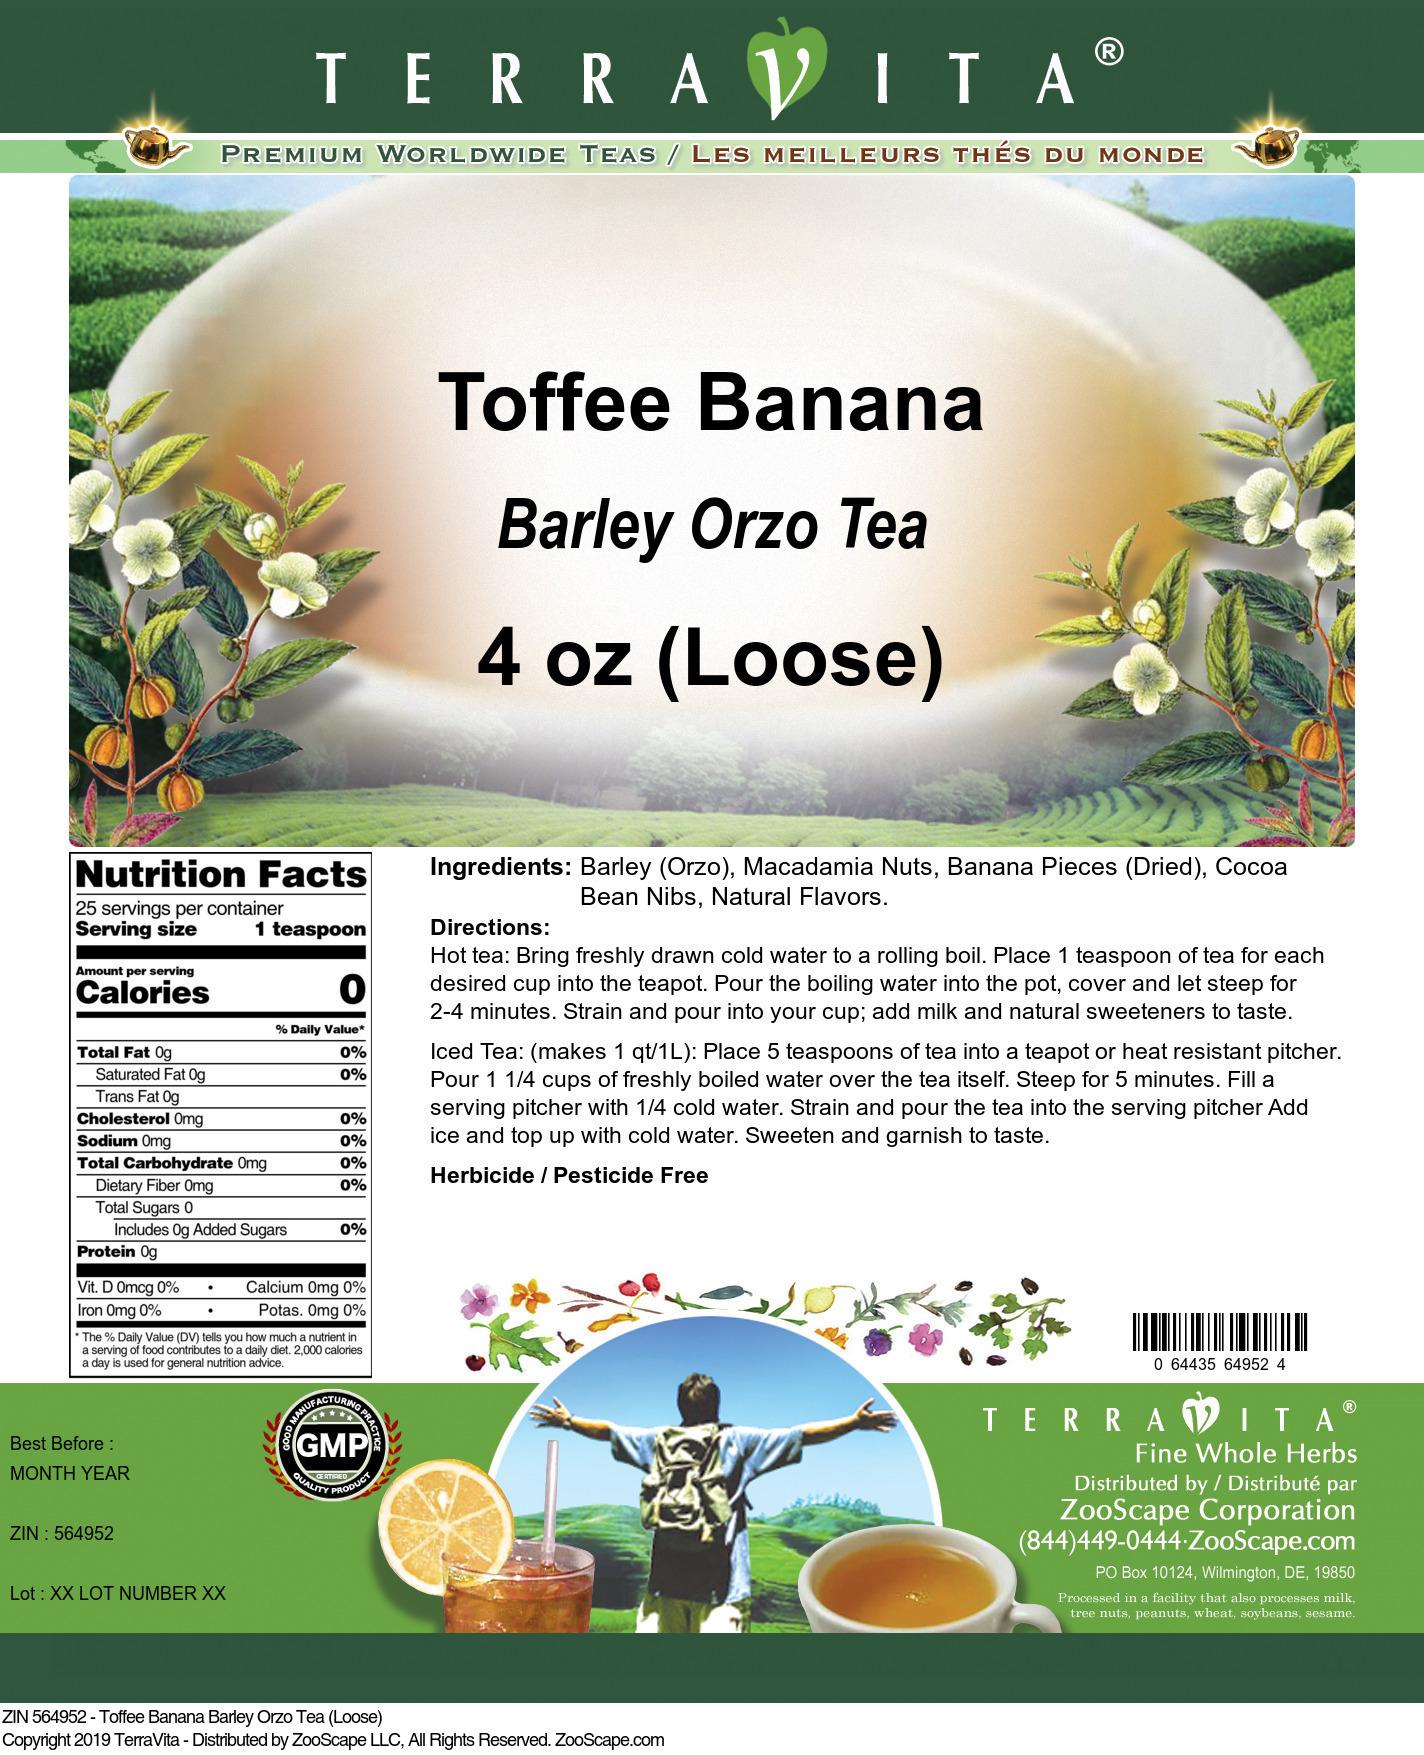 Toffee Banana Barley Orzo Tea (Loose)